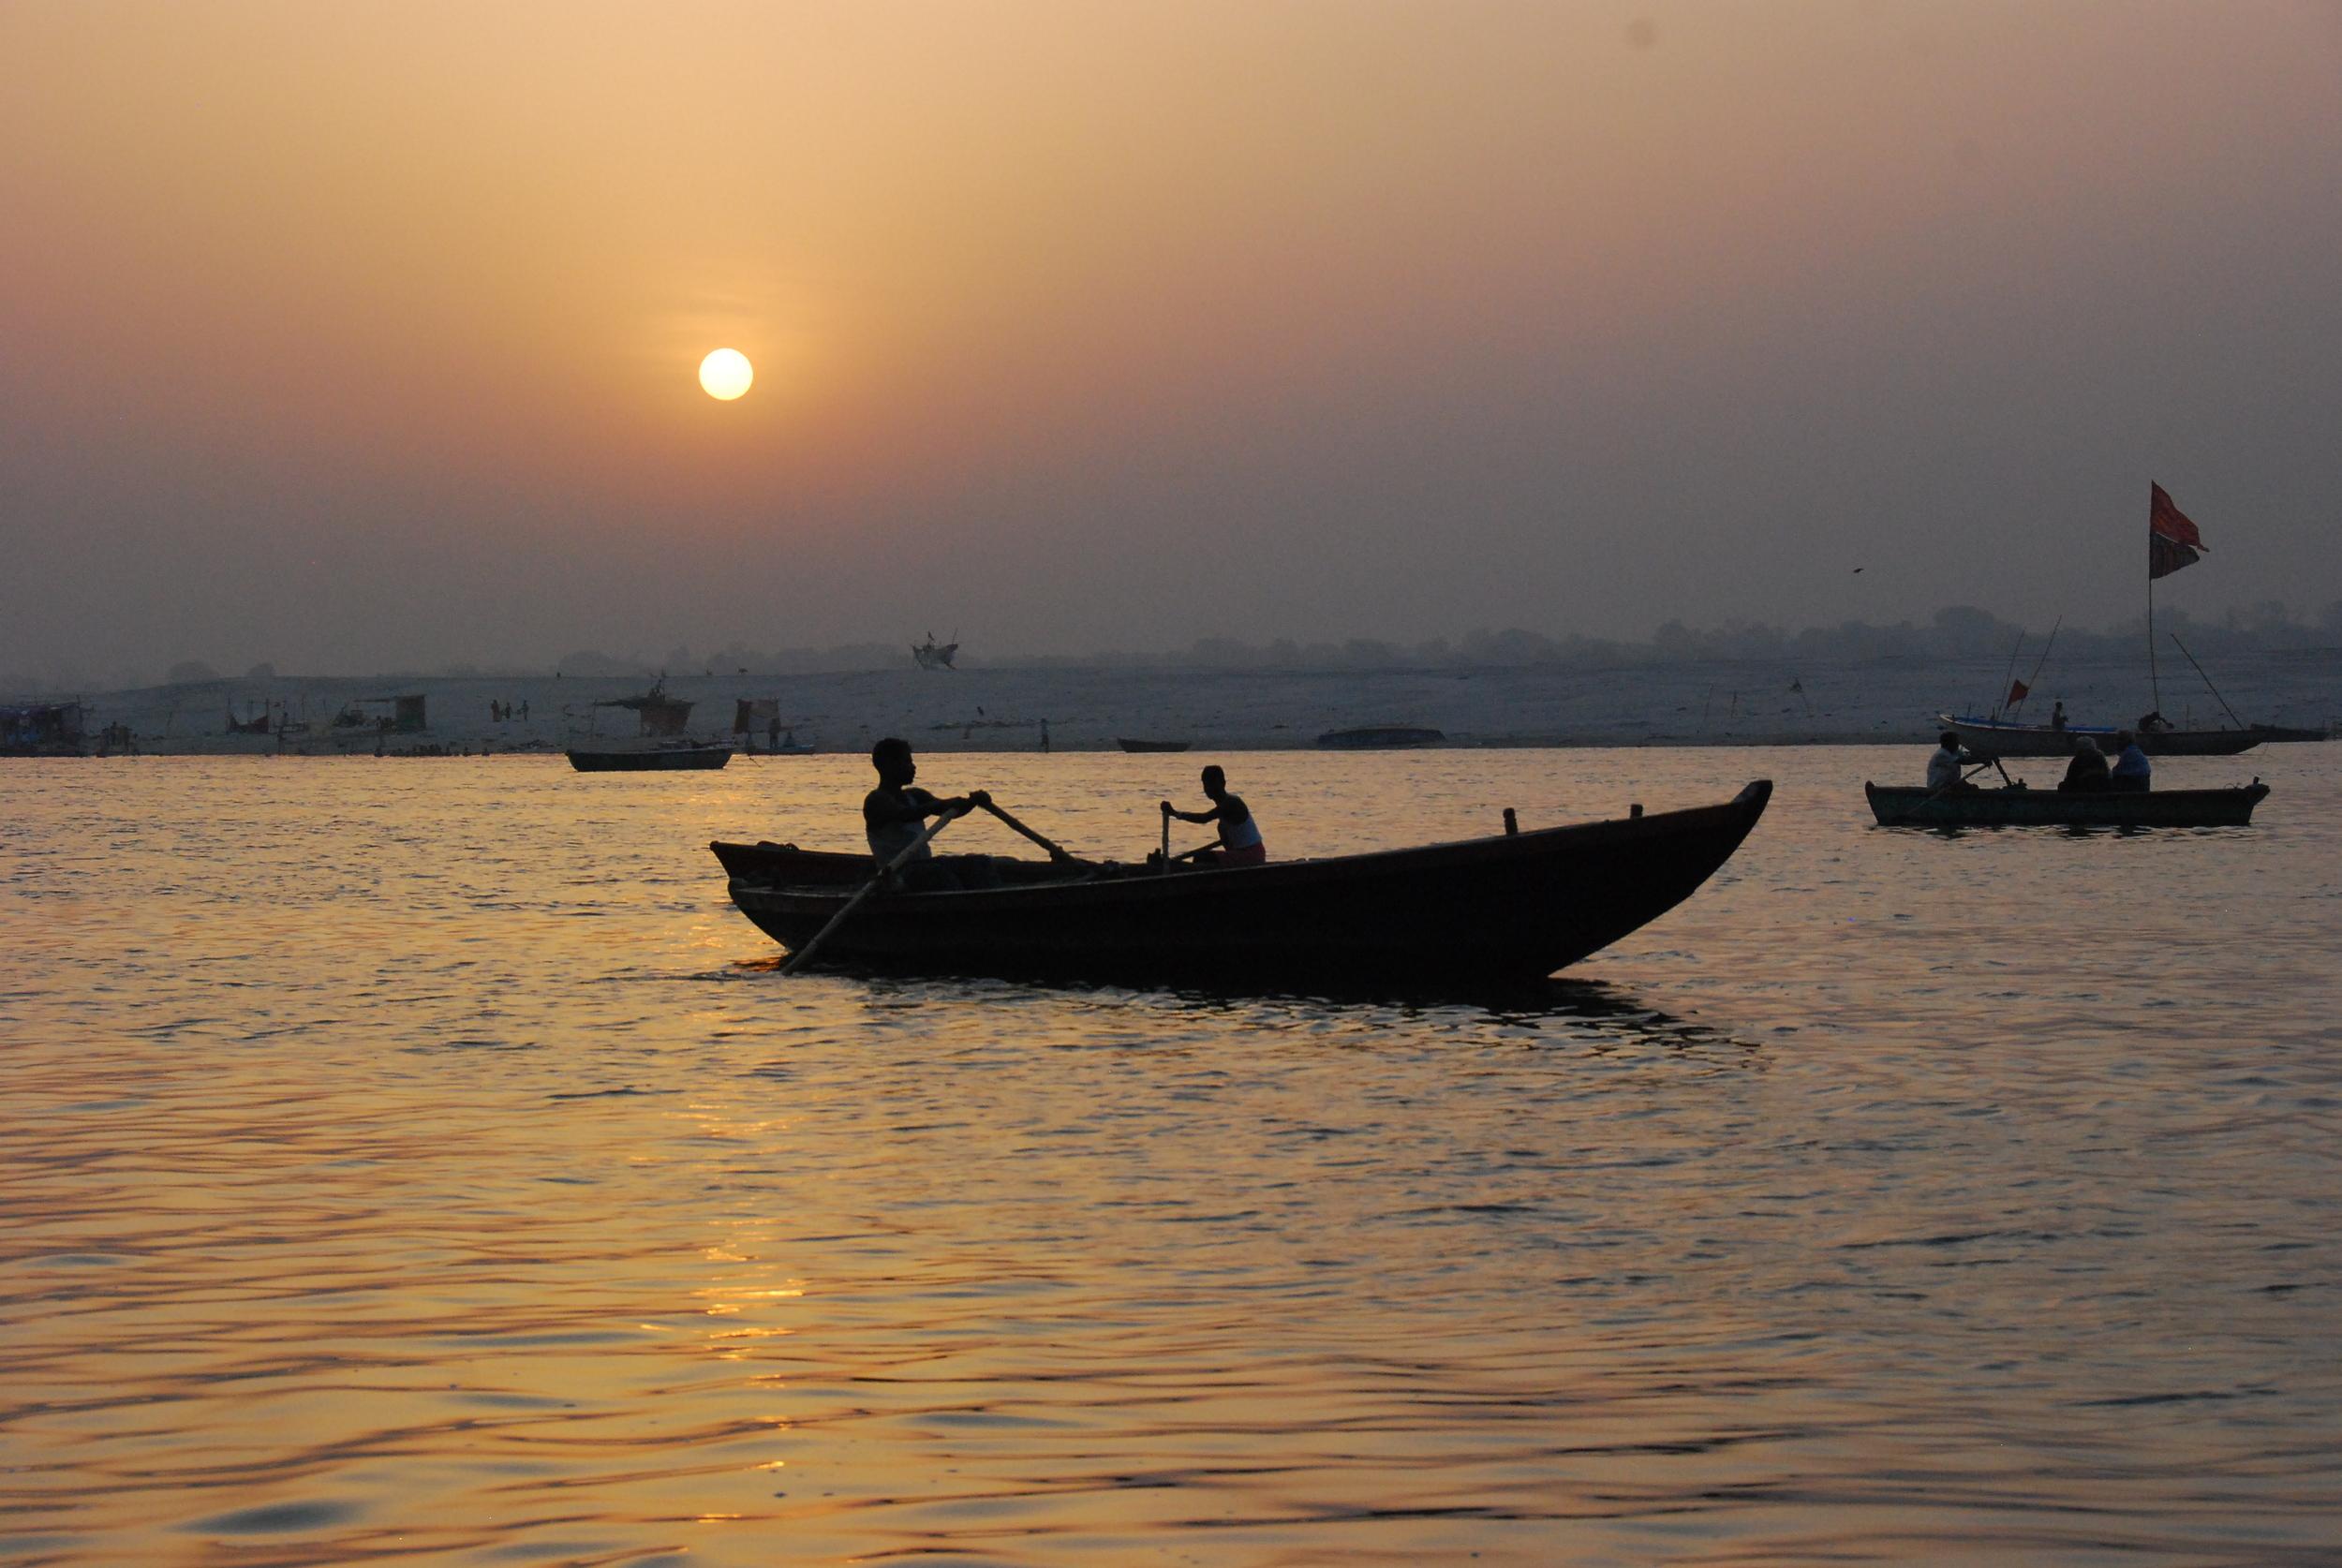 Sunrise on the Ganges, Varanasi